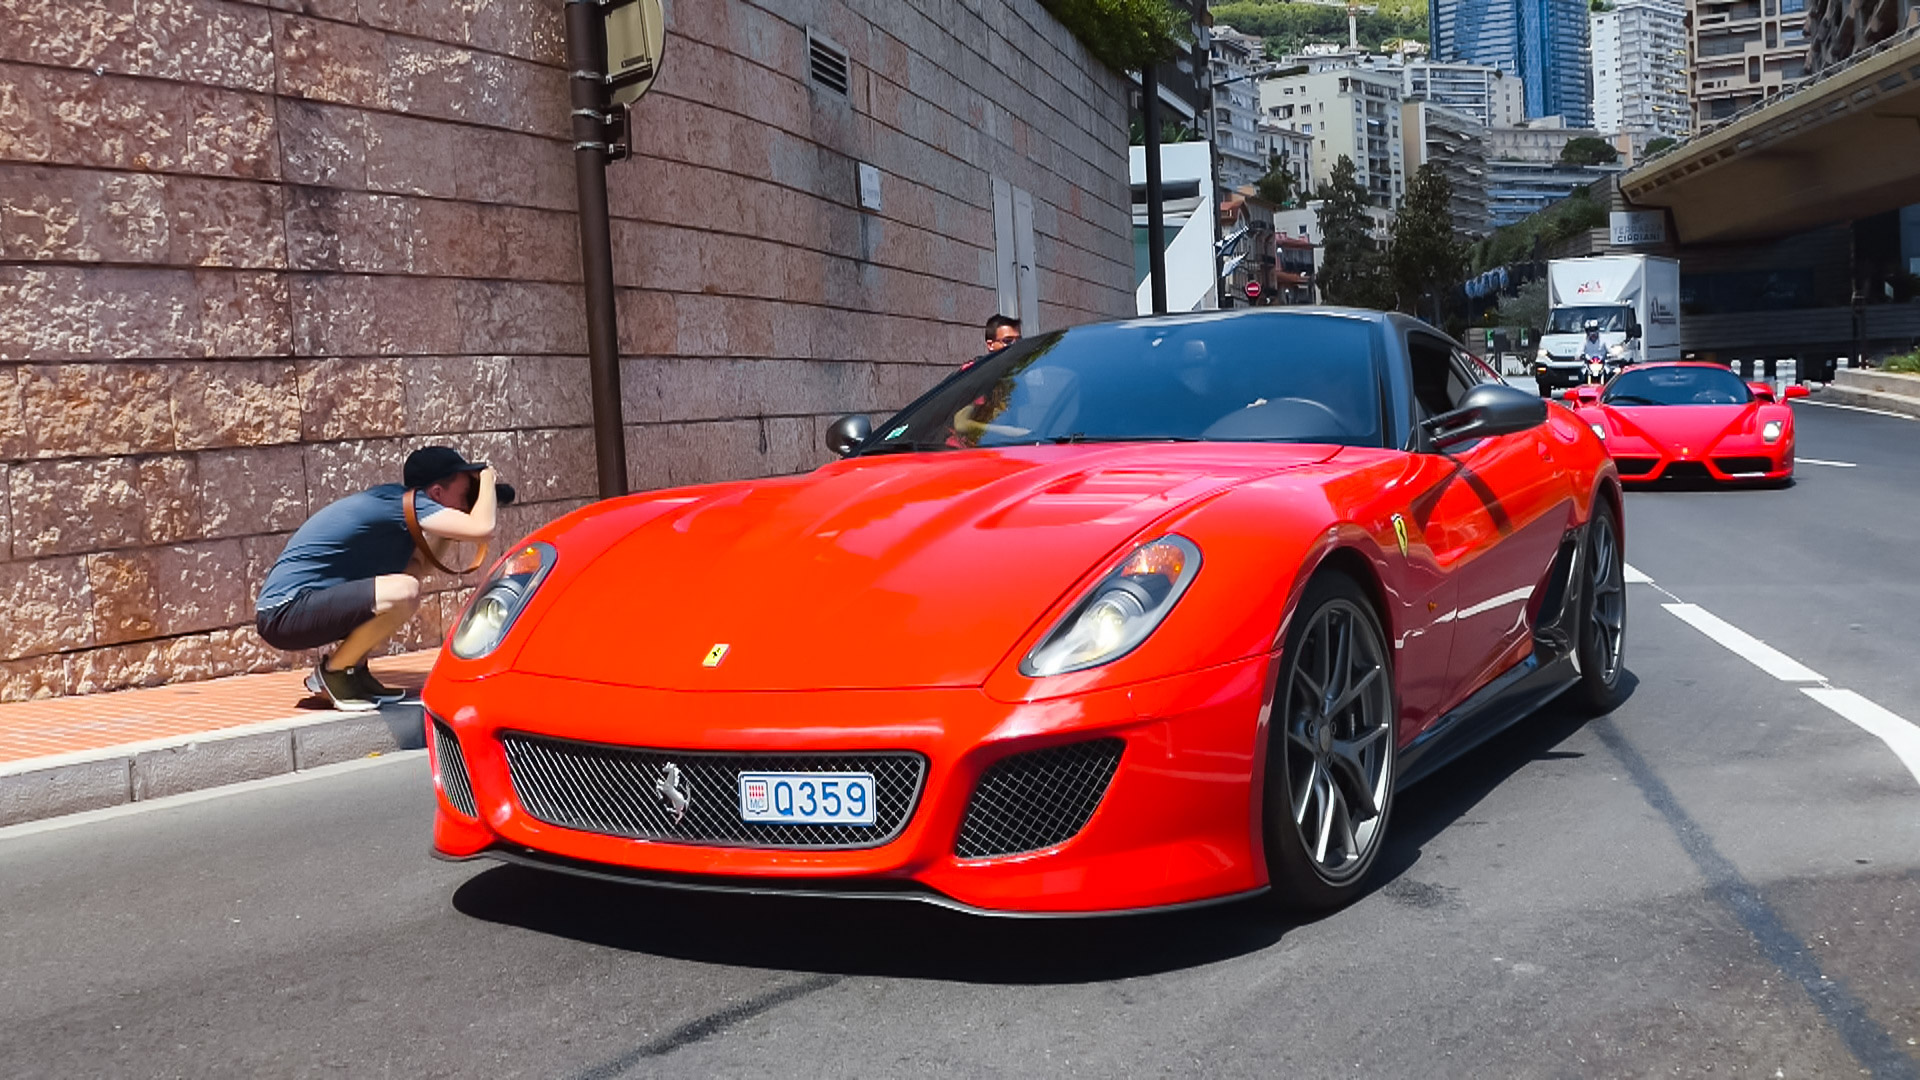 Ferrari 599 GTO - Q359 (MC)